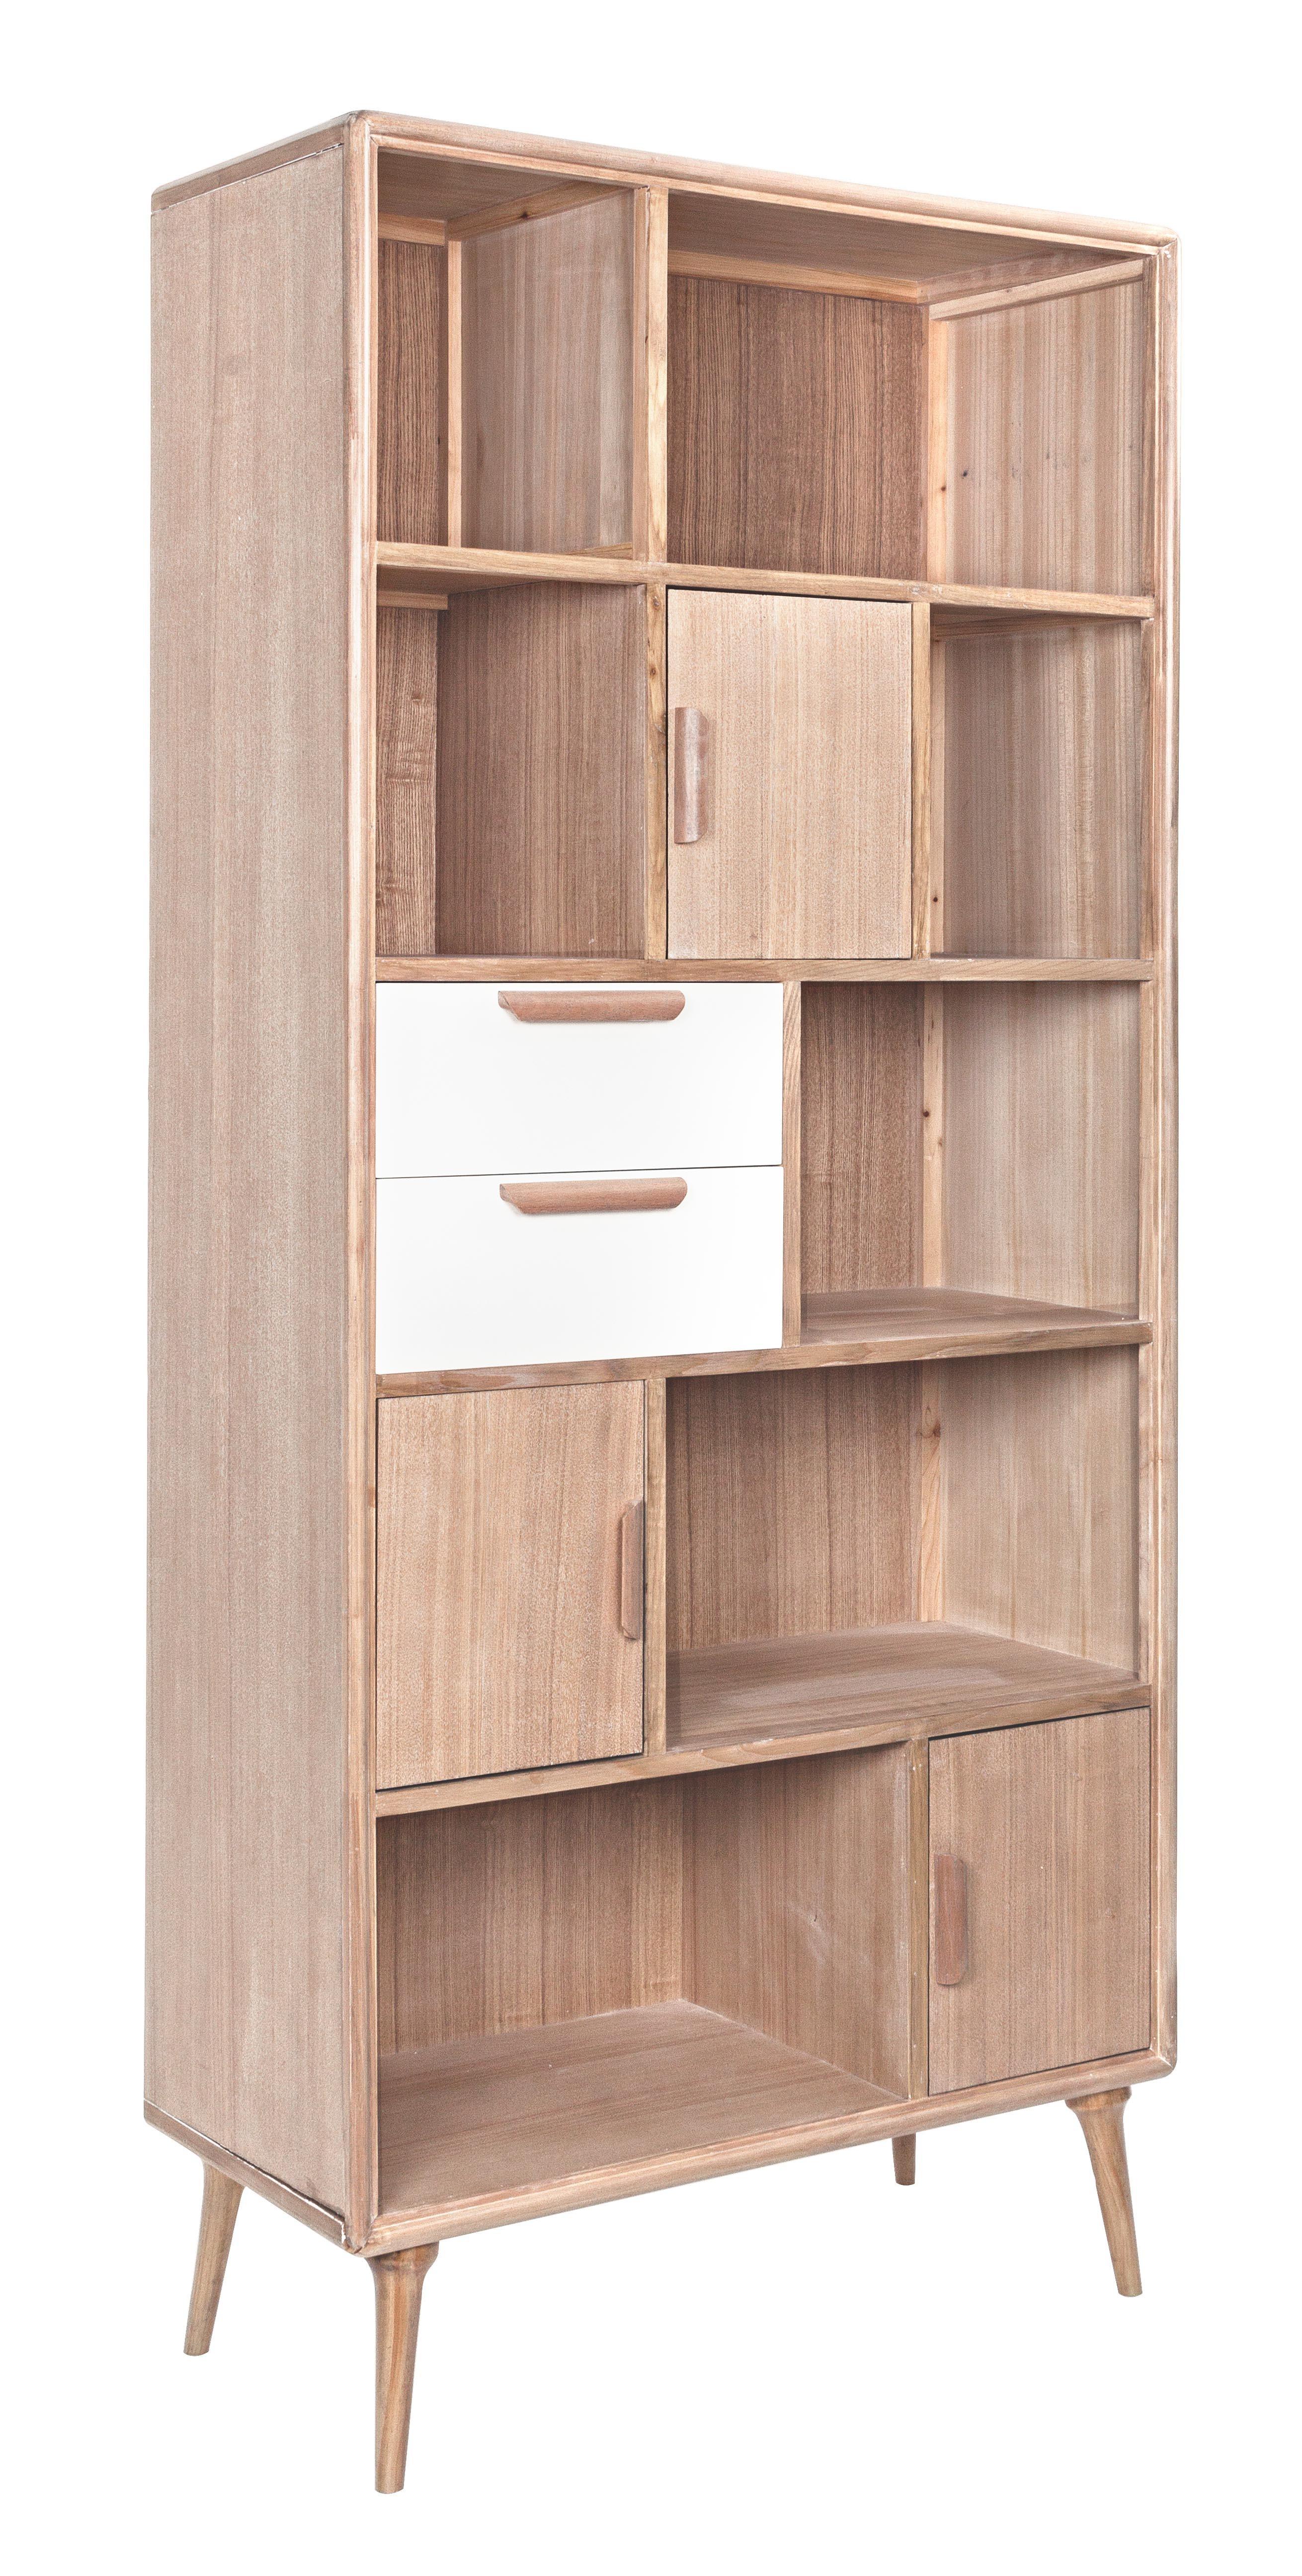 Libreria brigitte 3 ante 2 cassetti in legno